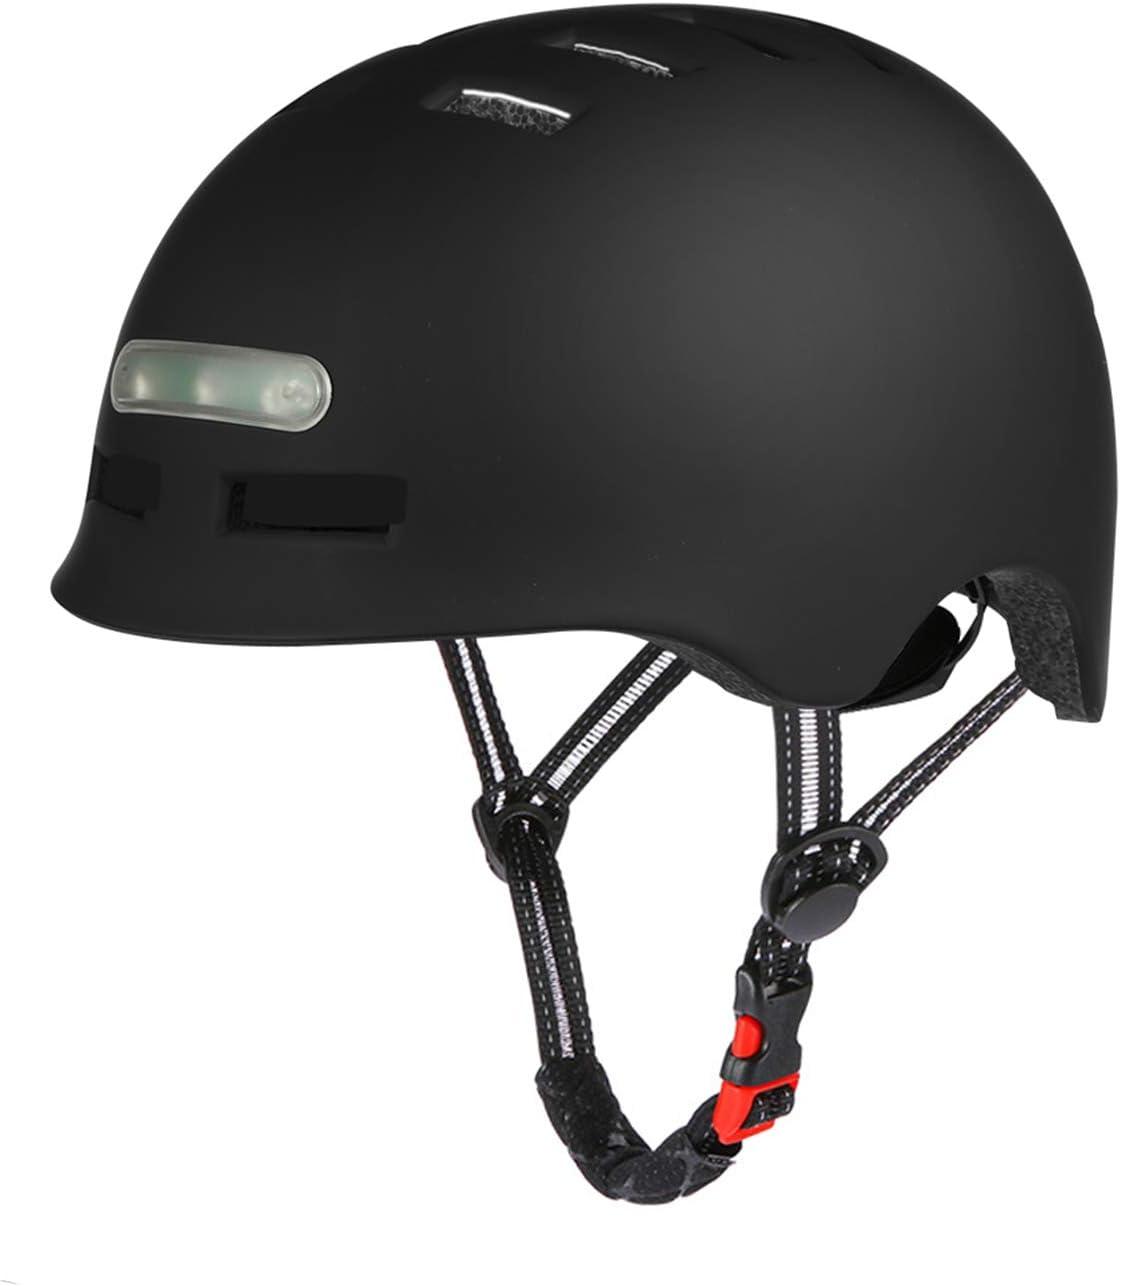 Casco da bici con faro a LED integrato e casco da ciclismo leggero fanale posteriore per uomini e donne adulti